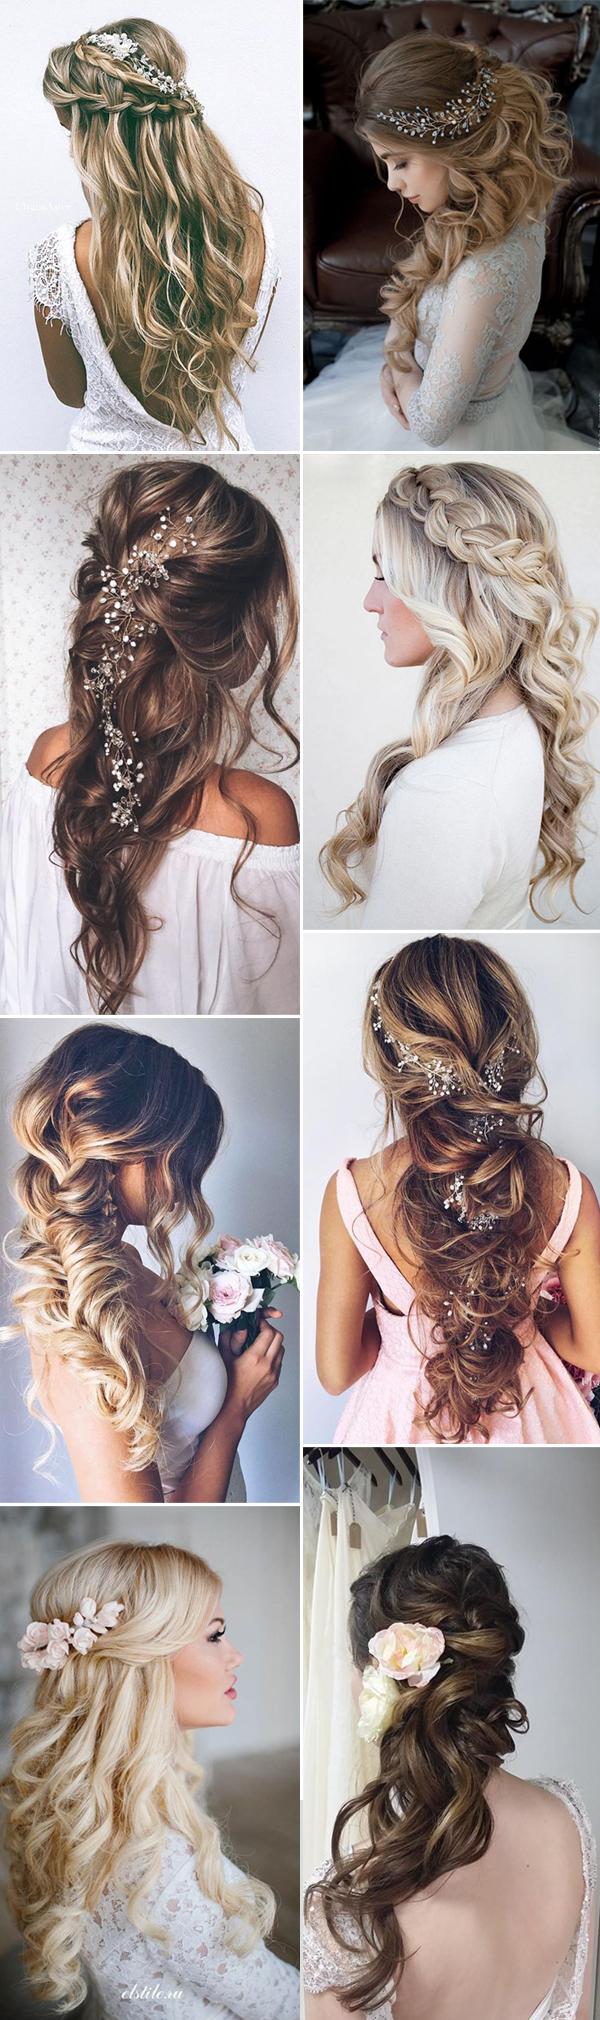 Những mẫu tóc cô dâu – Tóc bới dài